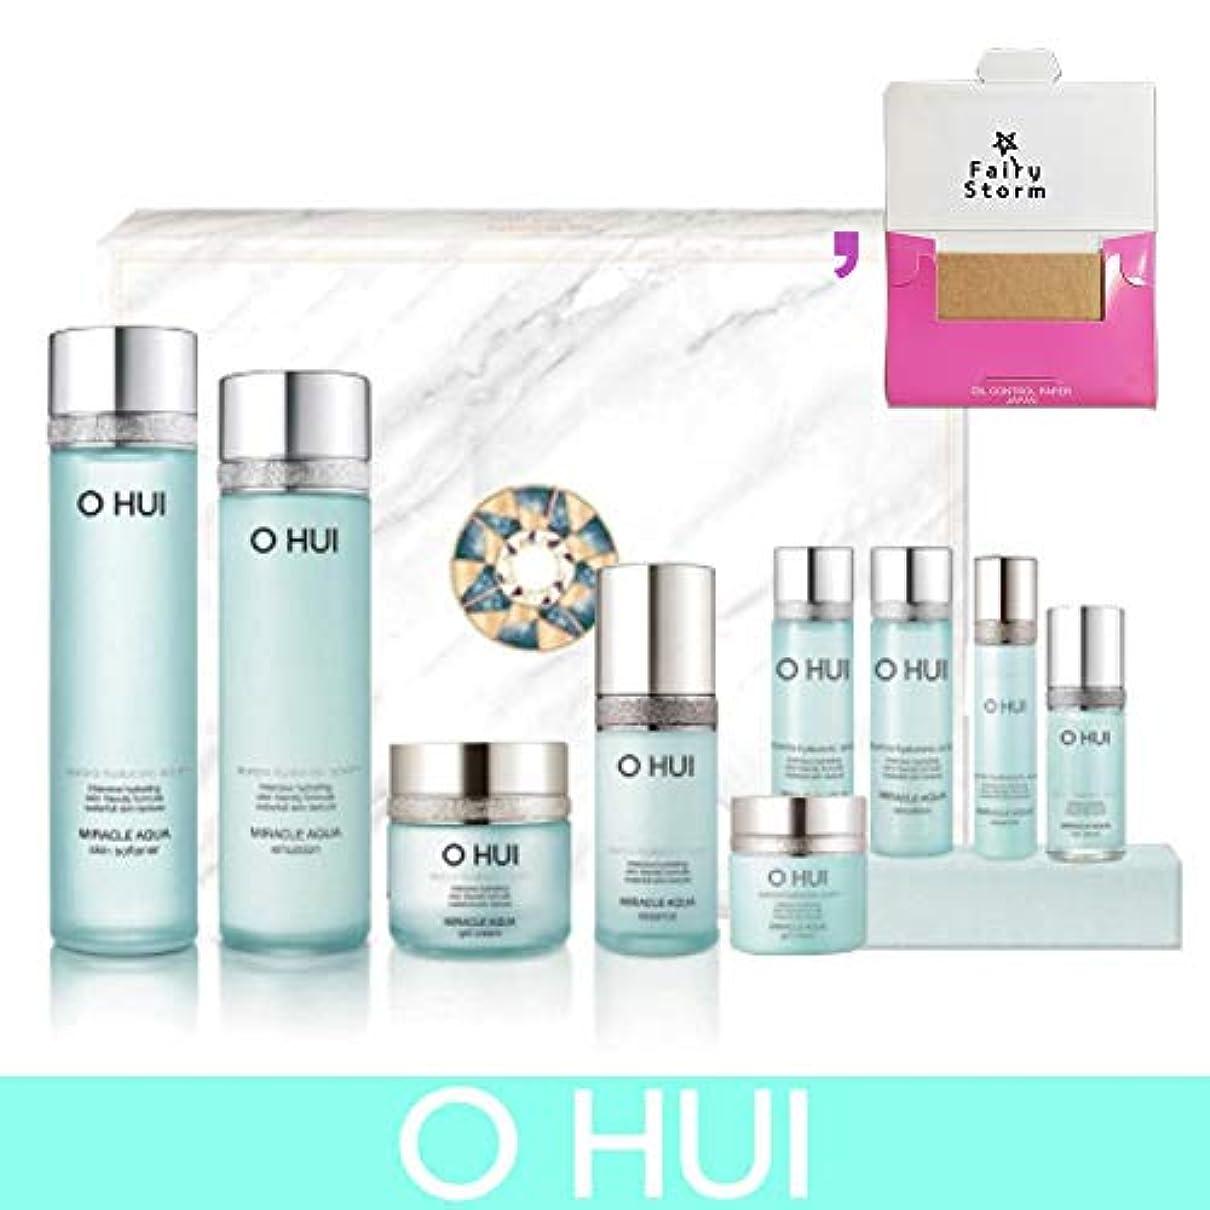 伸ばす告白するお金[オフィ/O HUI]韓国化粧品 LG生活健康/O HUI MIRACLE AQUA SPECIAL 4EA SET/ミラクル アクア 4種セット + [Sample Gift](海外直送品)